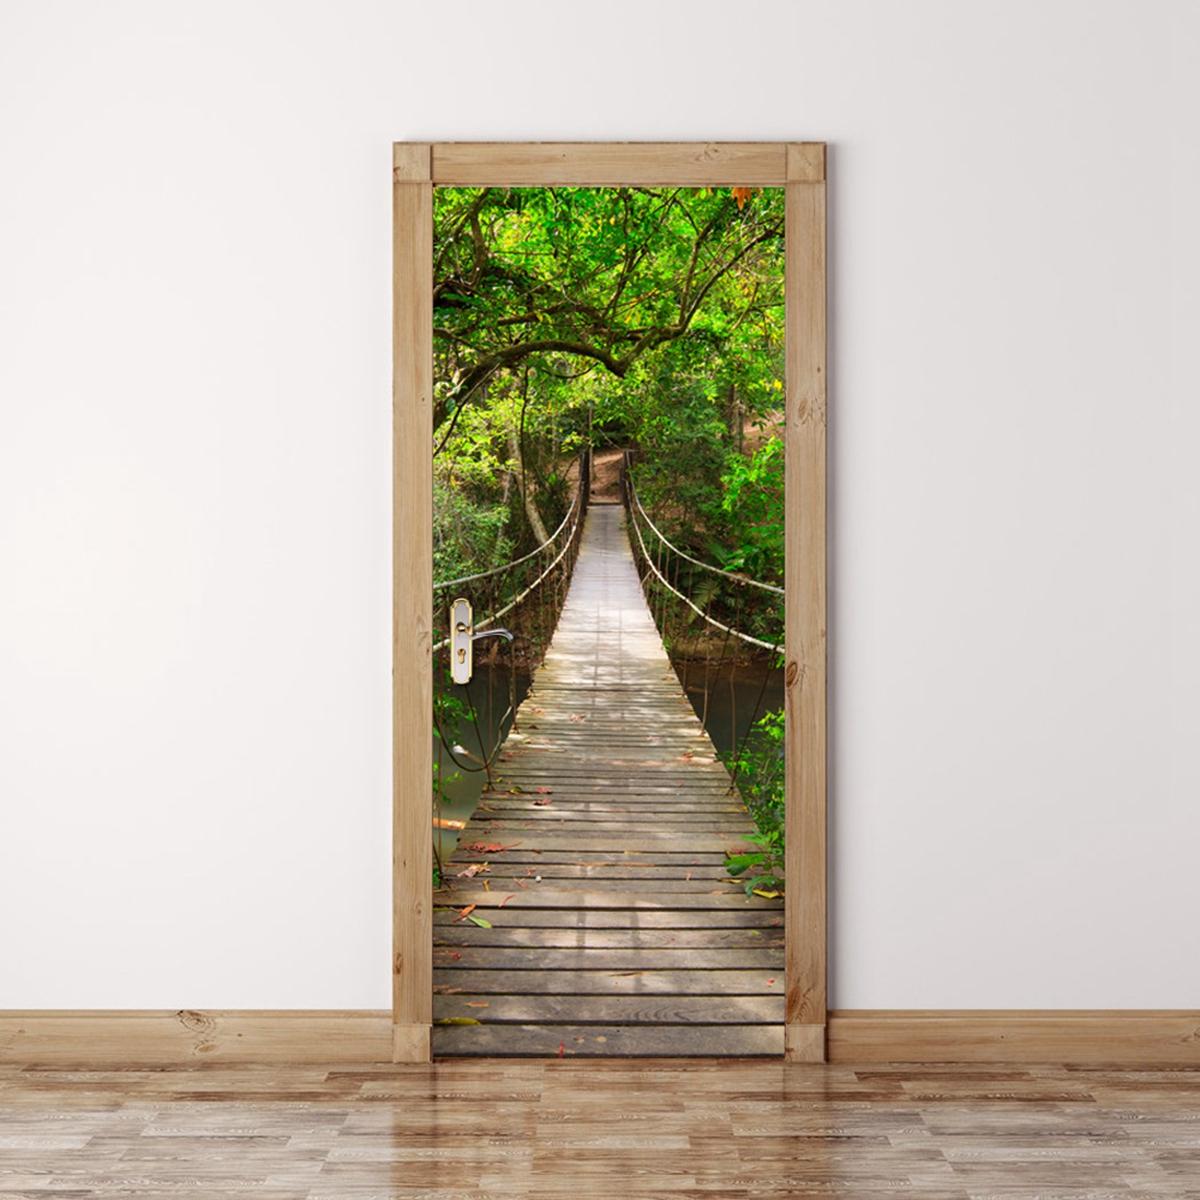 СМ 3D Деревянный Мост ПВХ Самоклеющиеся Двери Стикер Стены Гостиной Росписи Лесной Мост Декор